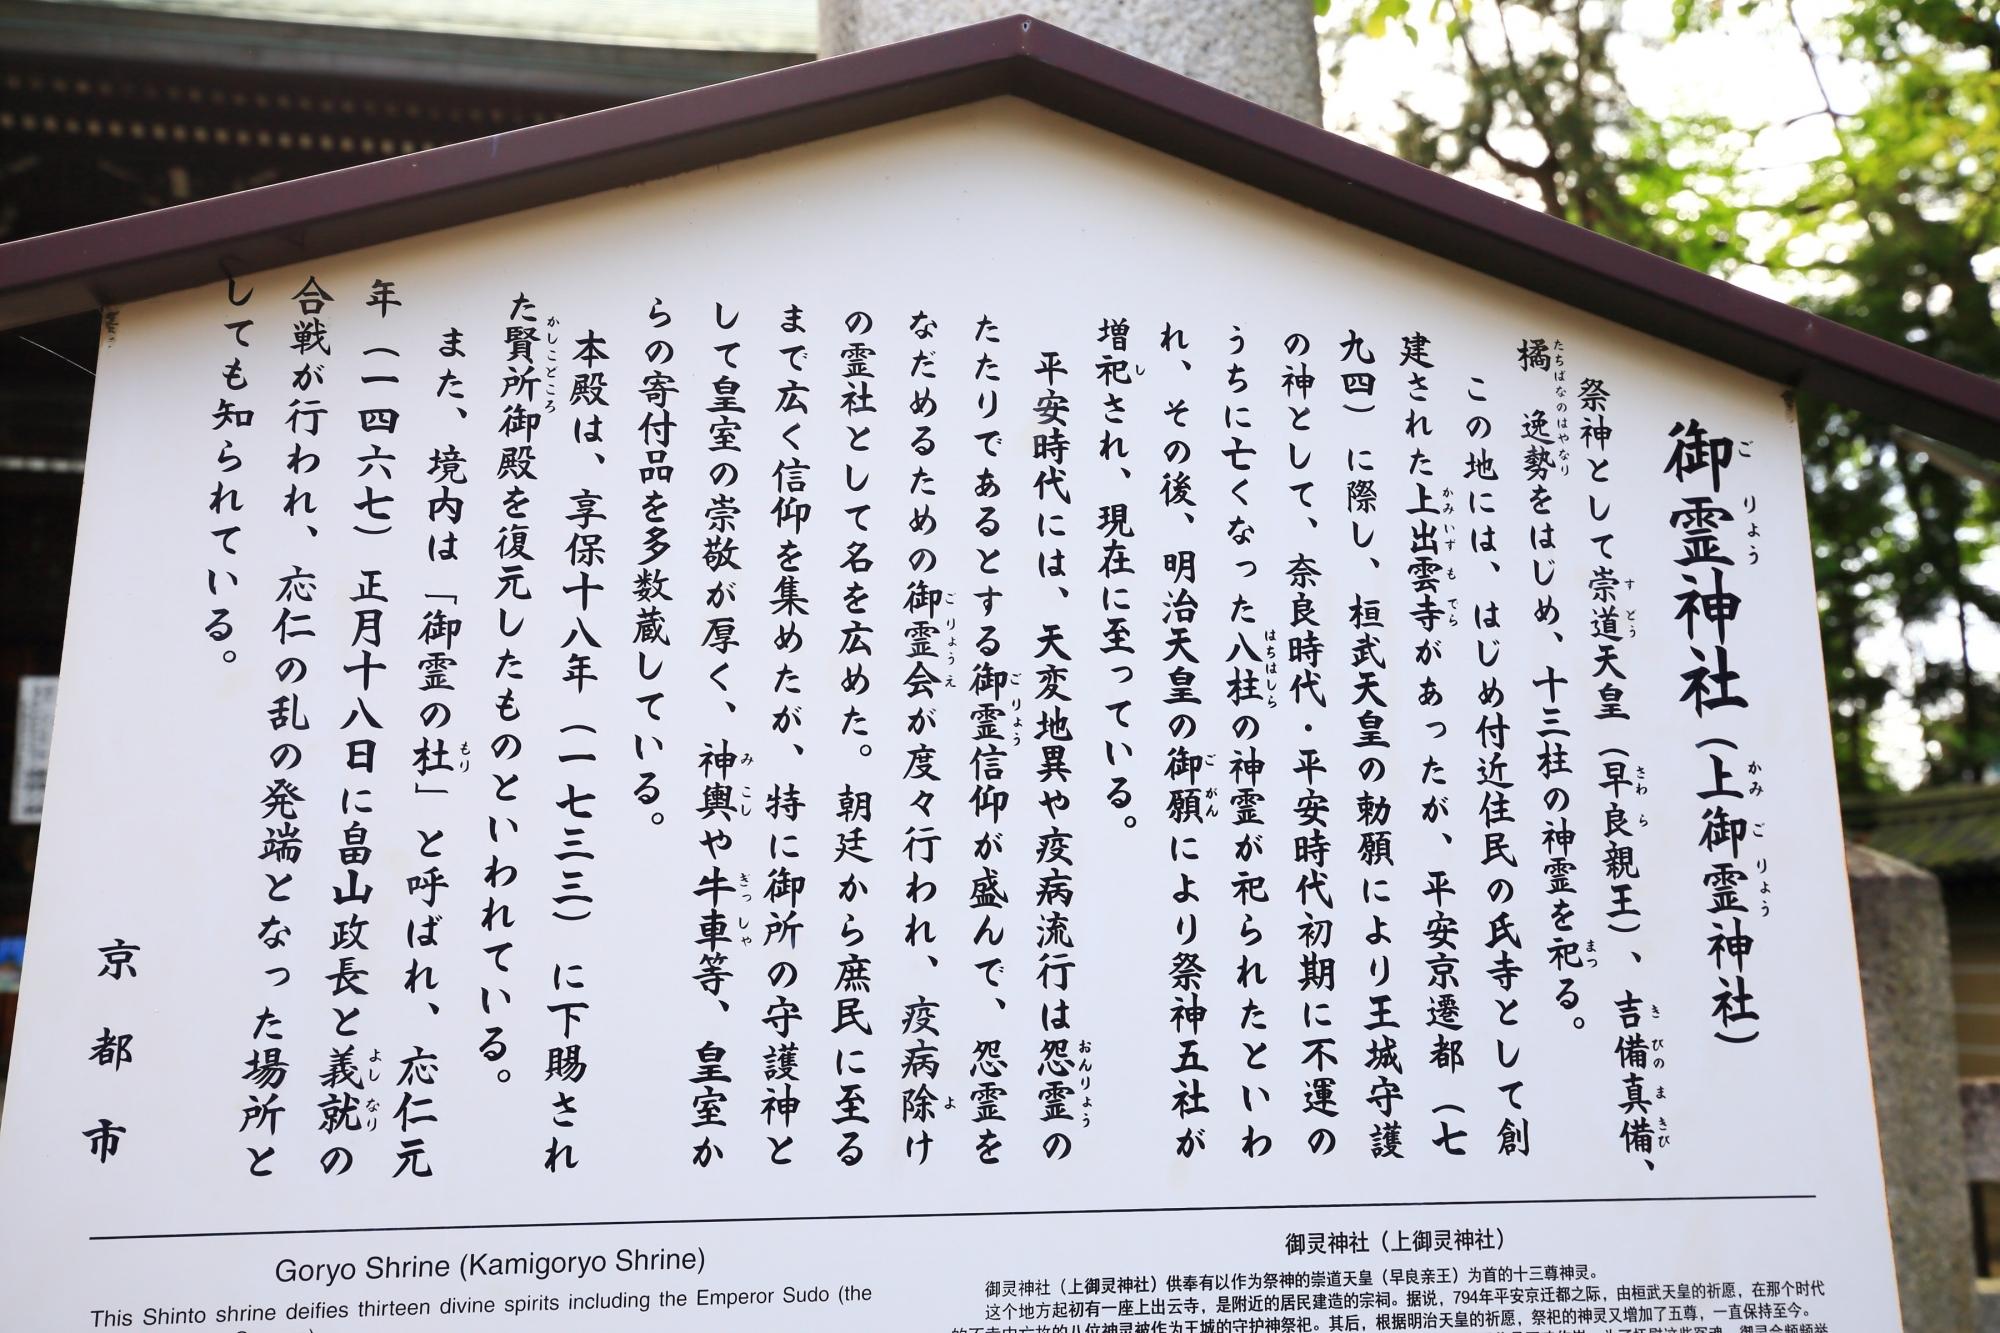 上御霊神社の説明